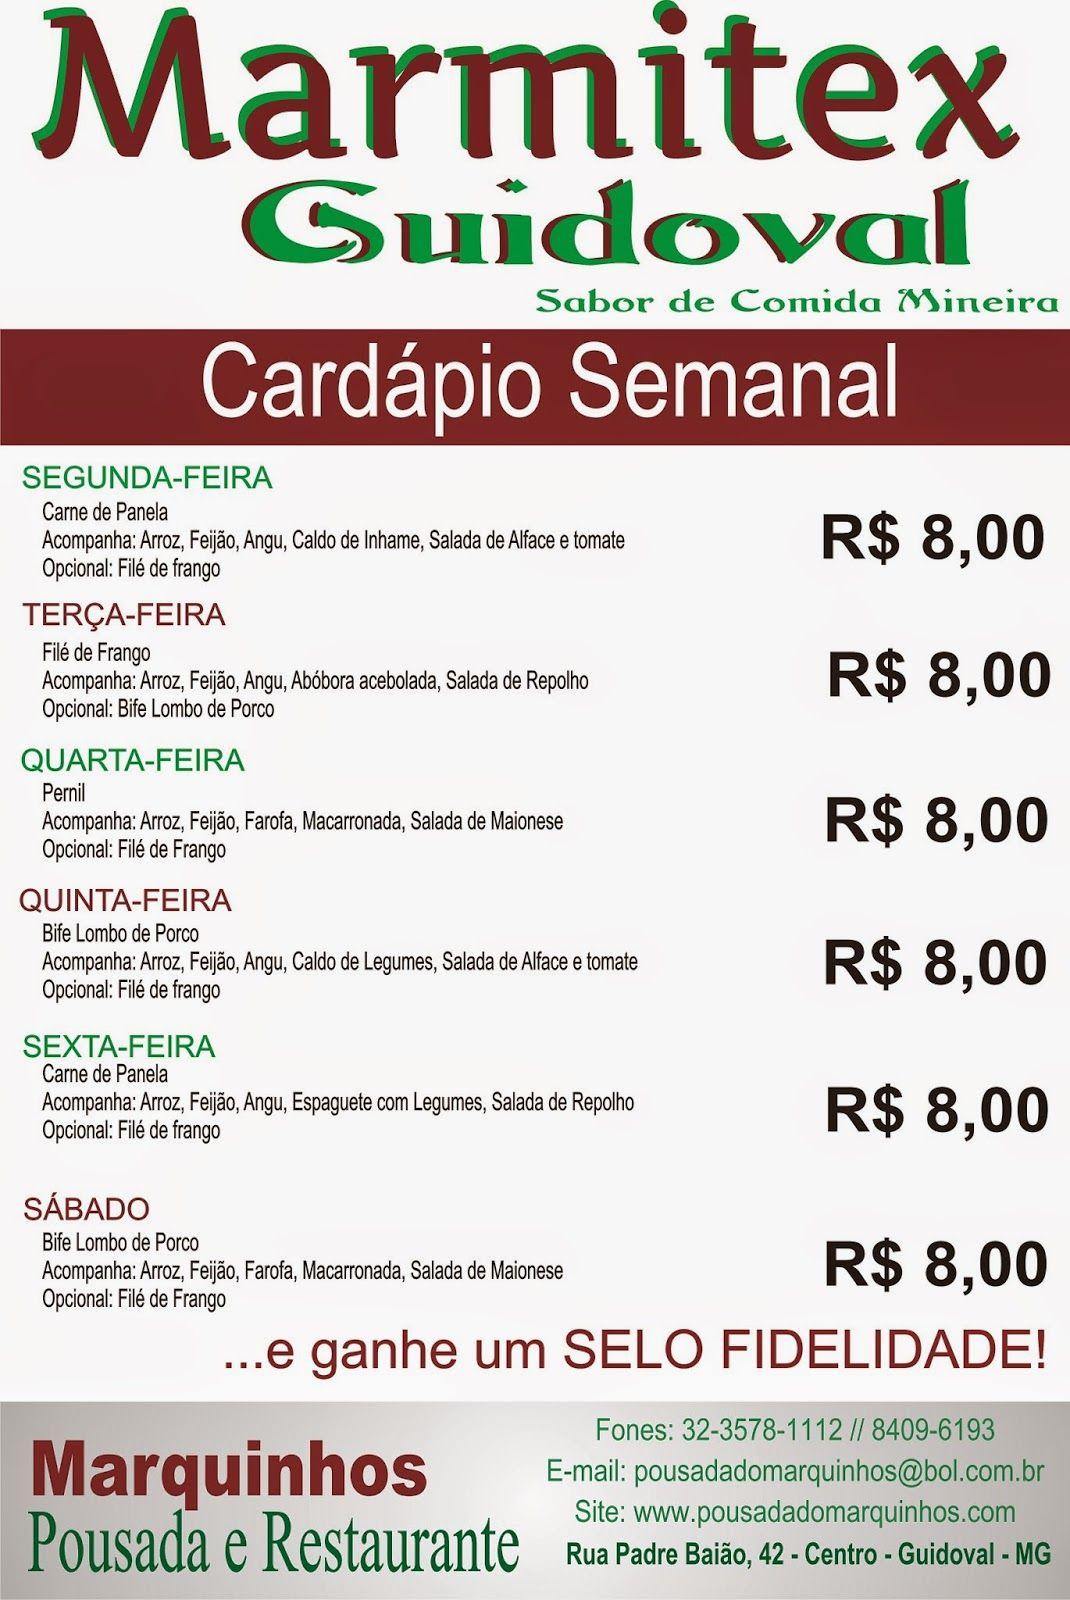 Nombre De Armario Judio ~ Restaurante e Pousada do Marquinhos em Guidoval MG CARDÁPIO SEMANAL DE MARMITEX GUIDOVAL